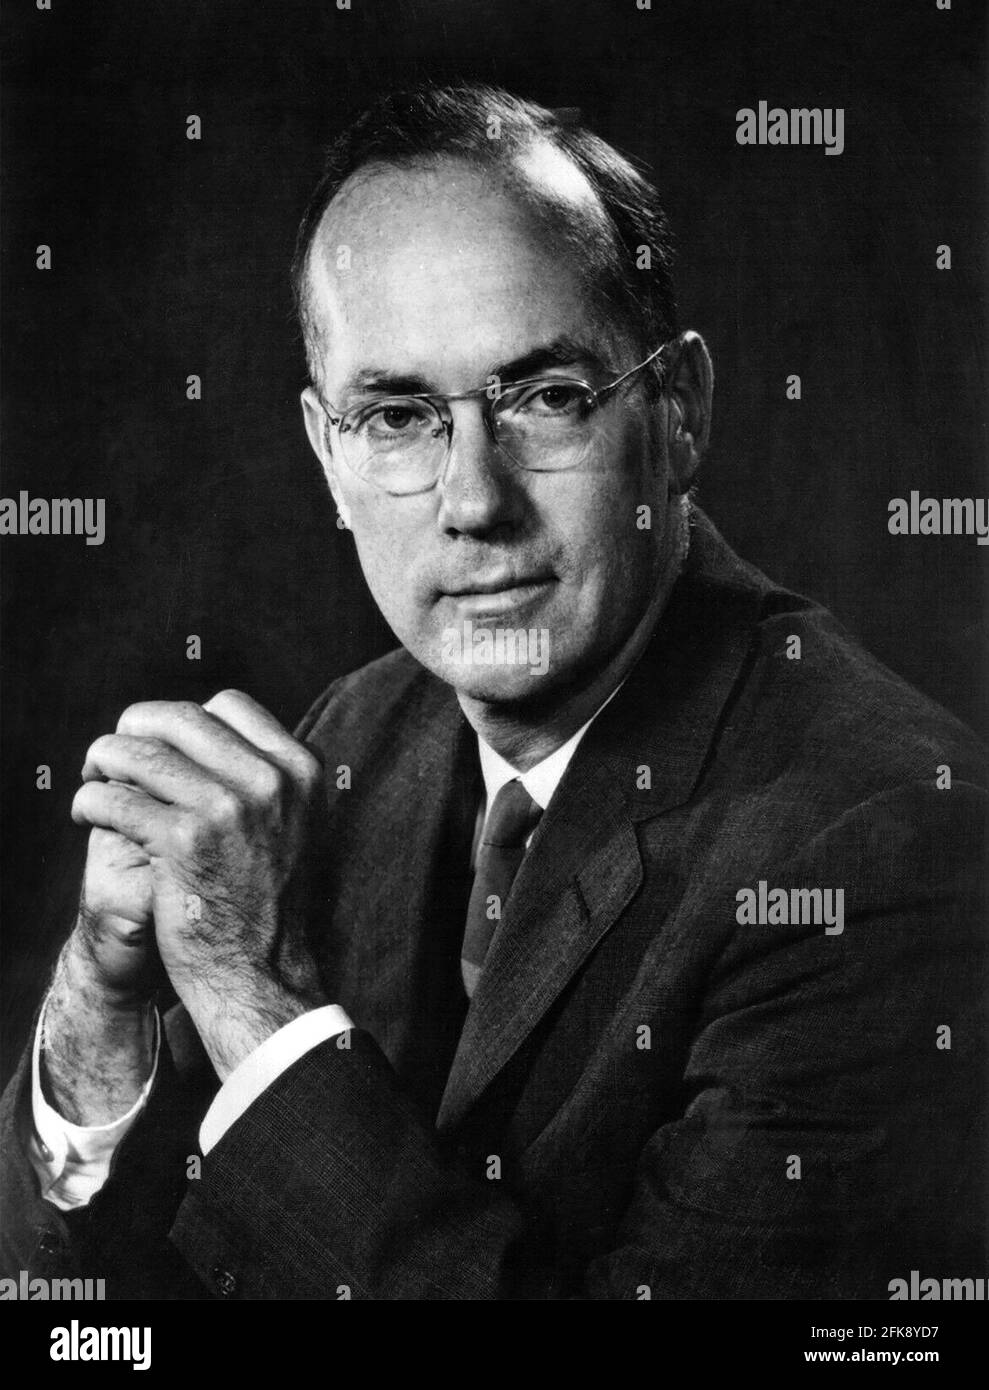 Charles Townes. Retrato del físico estadounidense, Charles Hard Townes (1915-2015) Foto de stock